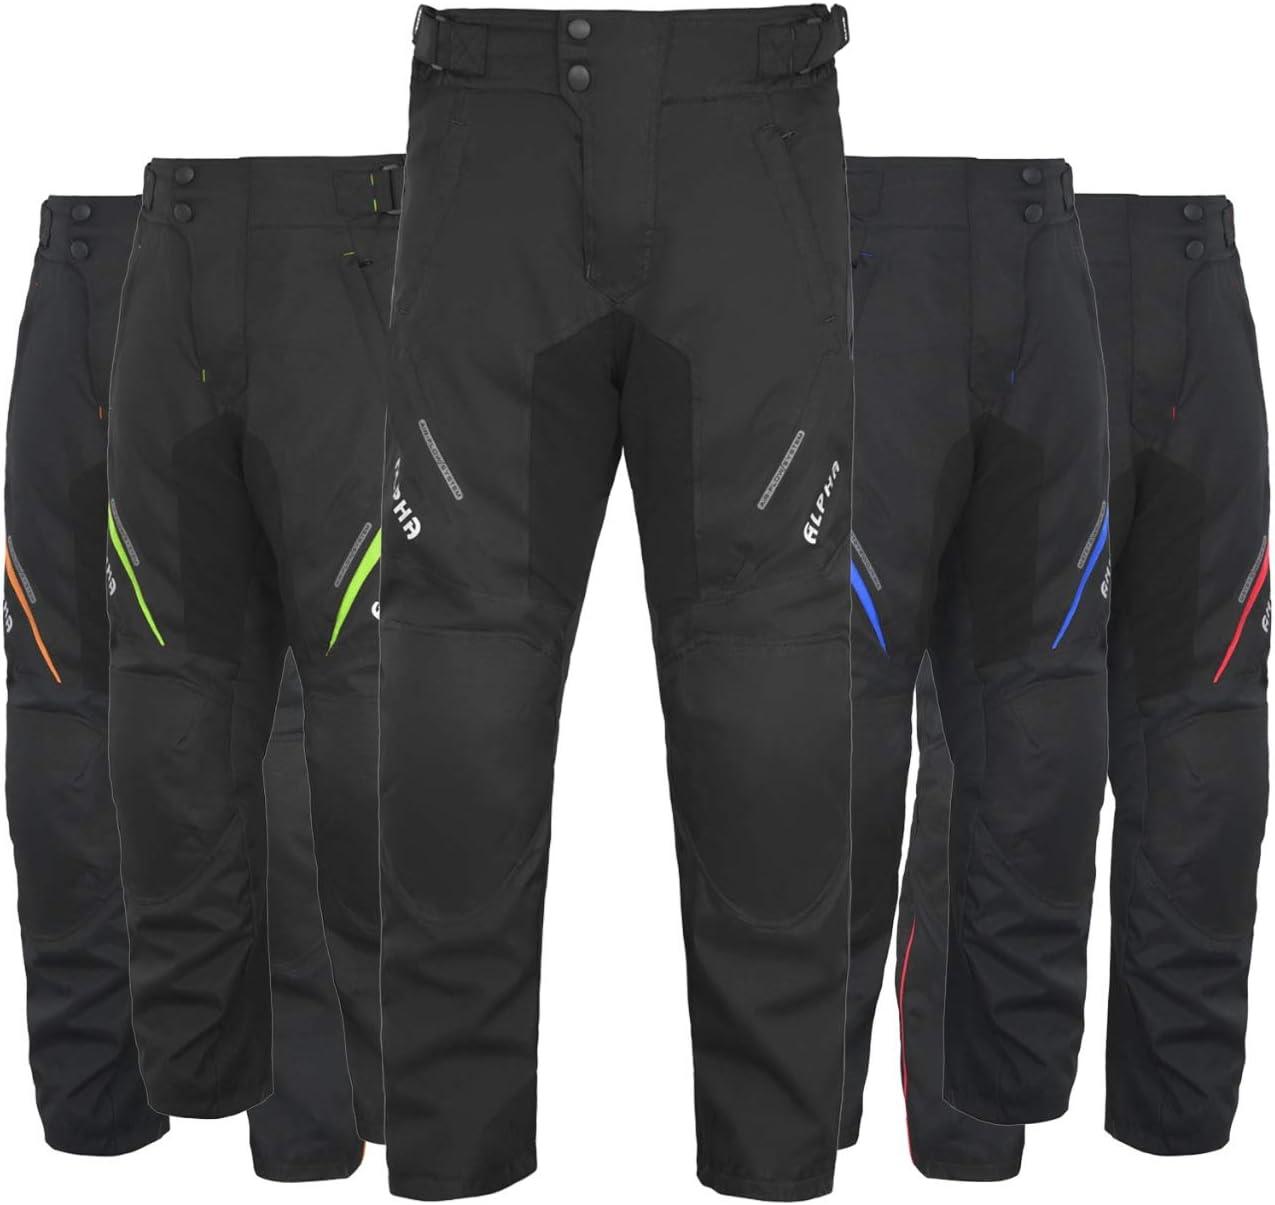 Waist42-44 Inseam32 HWK Motorcycle Pants Cargo Pants Work Pants For Men Adventure Hi-Vis All-Purpose